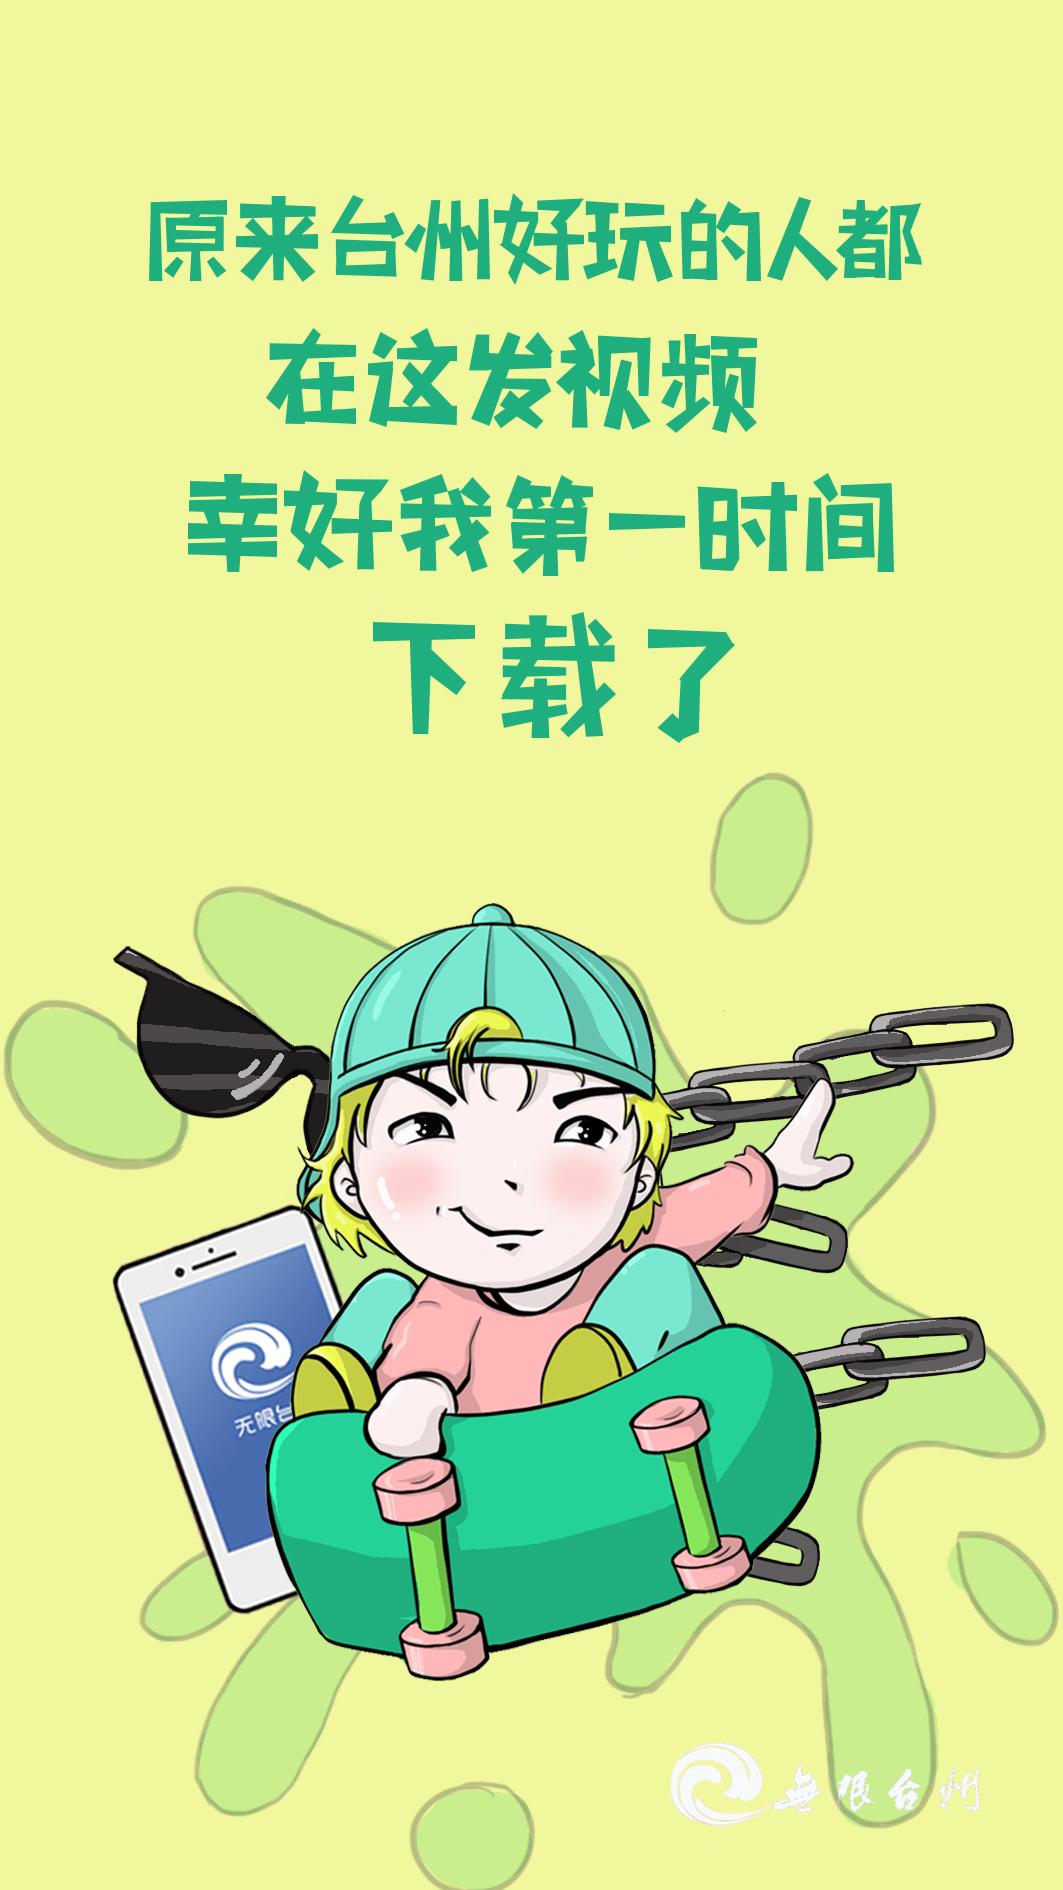 动漫宣传海报